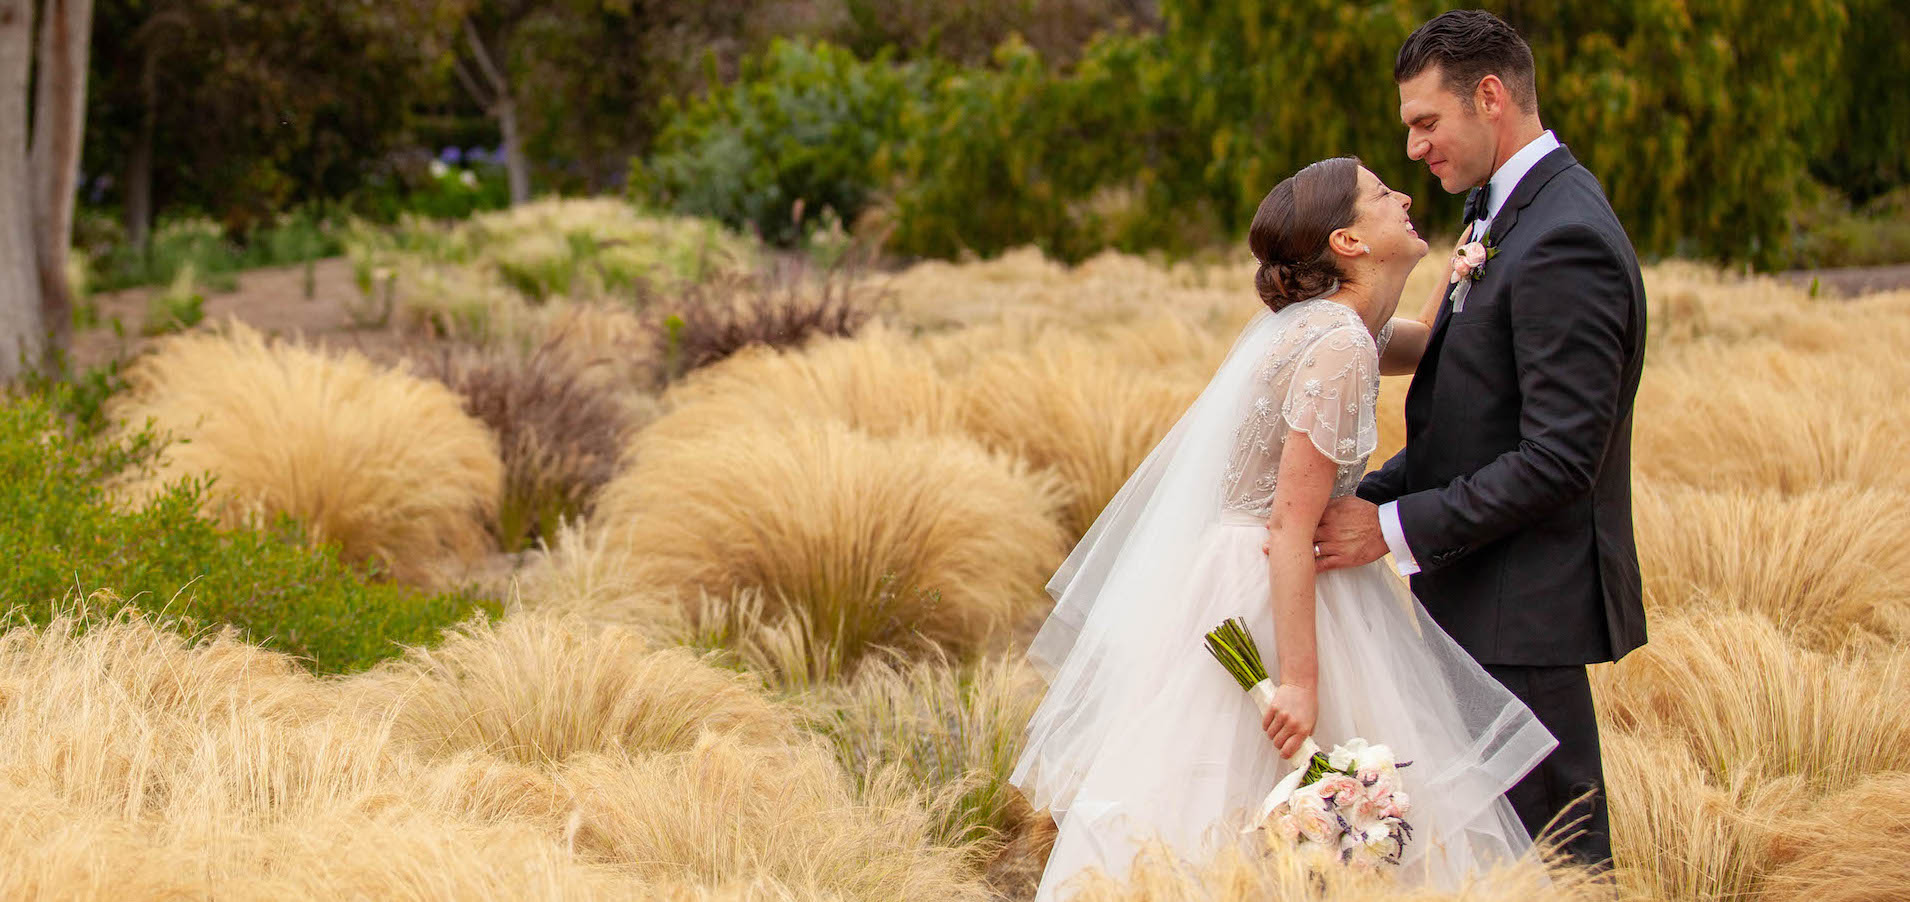 Lake Havasu Weddings | www.lakehavasuweddings.com